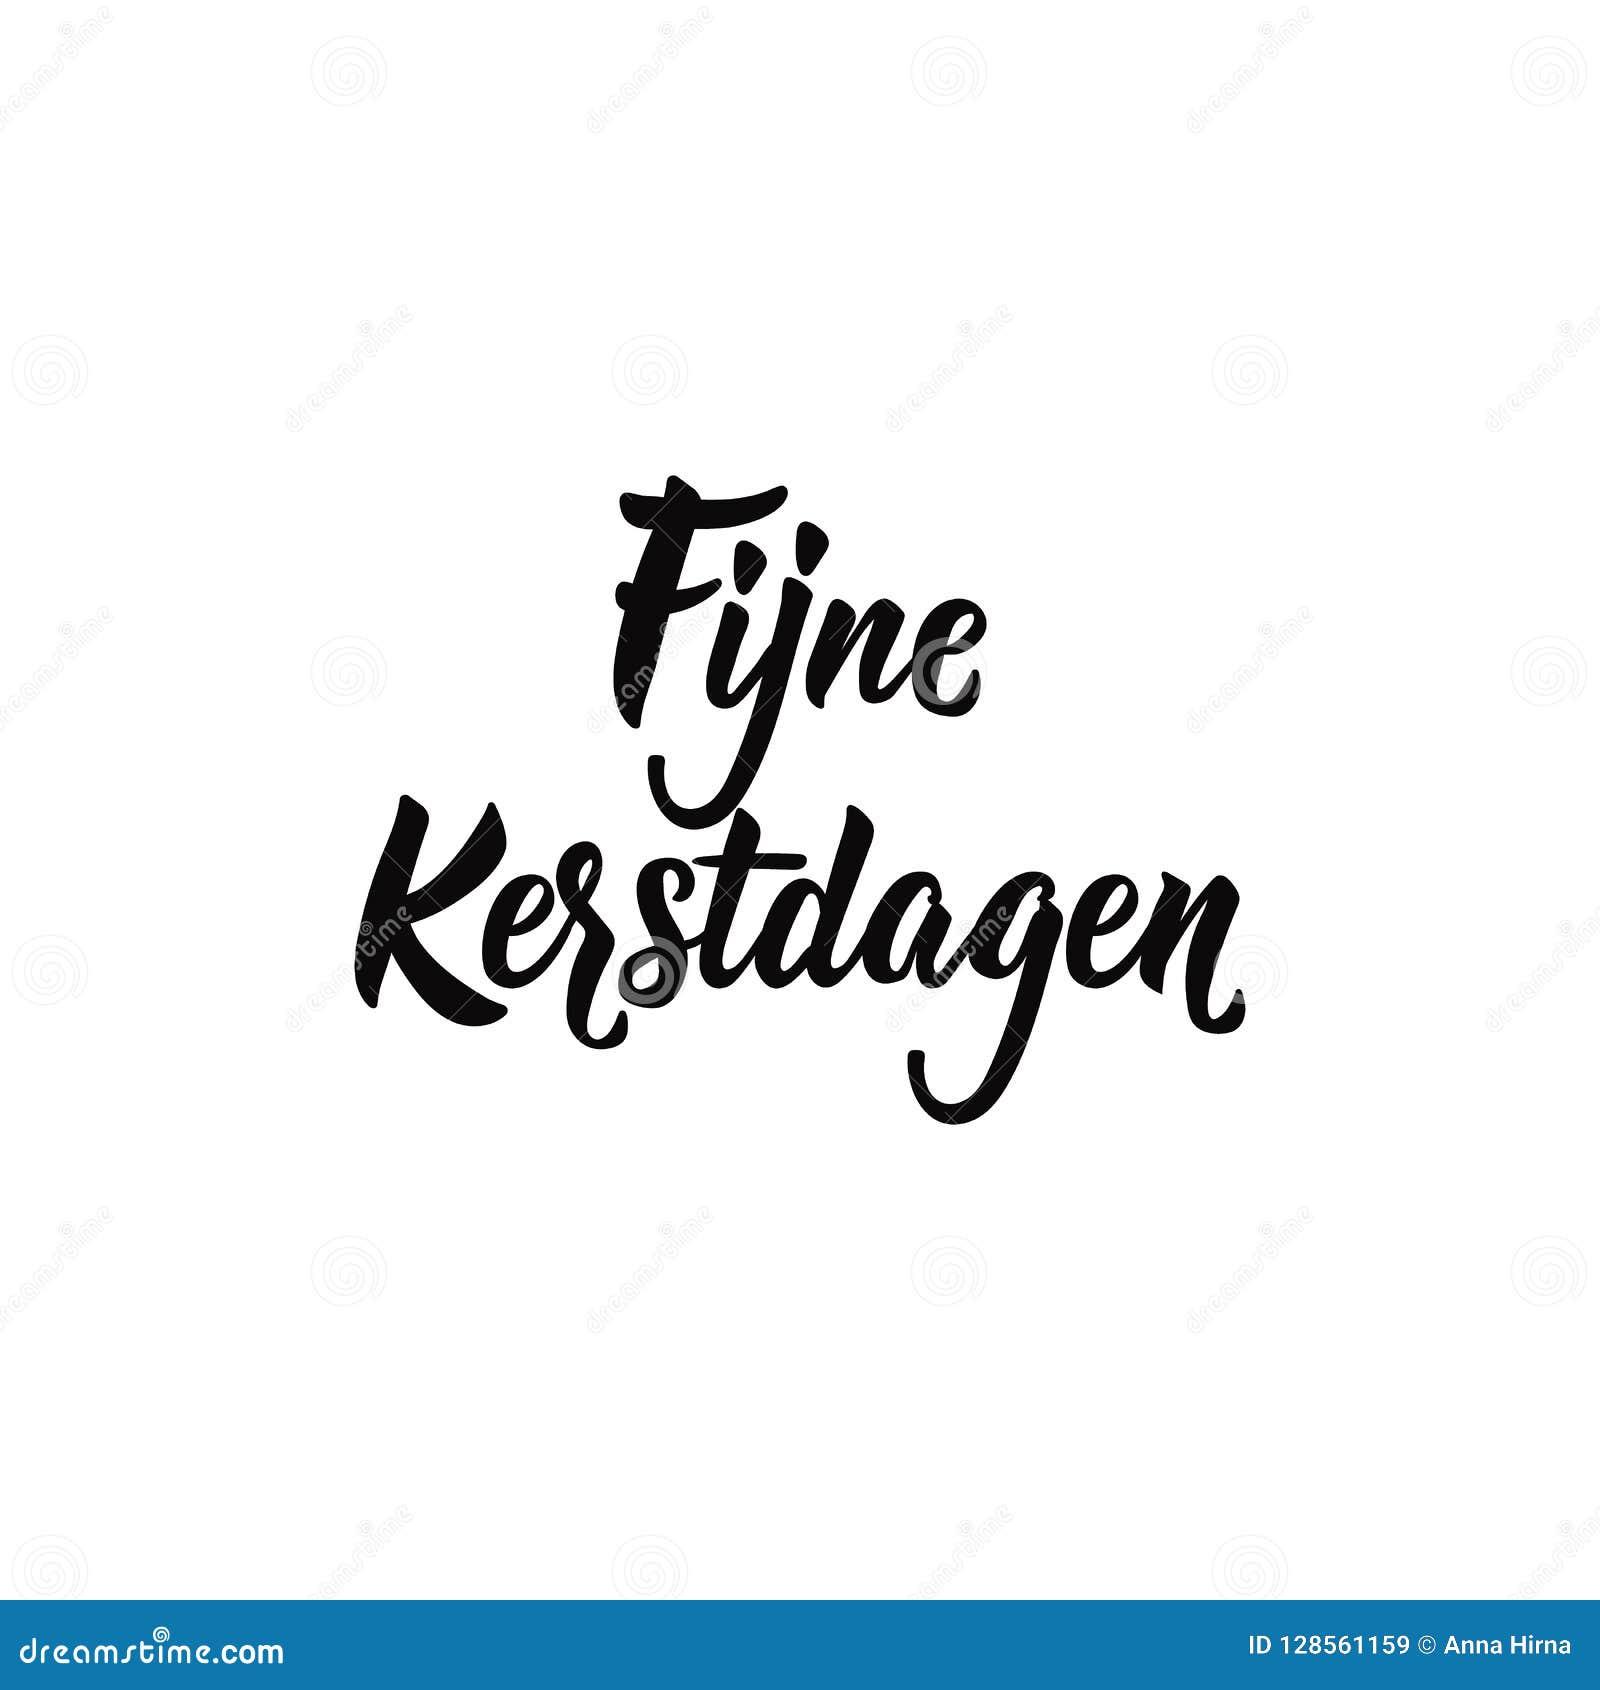 Frohe Weihnachten Und Ein Gutes Neues Jahr Holländisch.Niederländischer Text Frohe Weihnachten Beschriftung Fahne